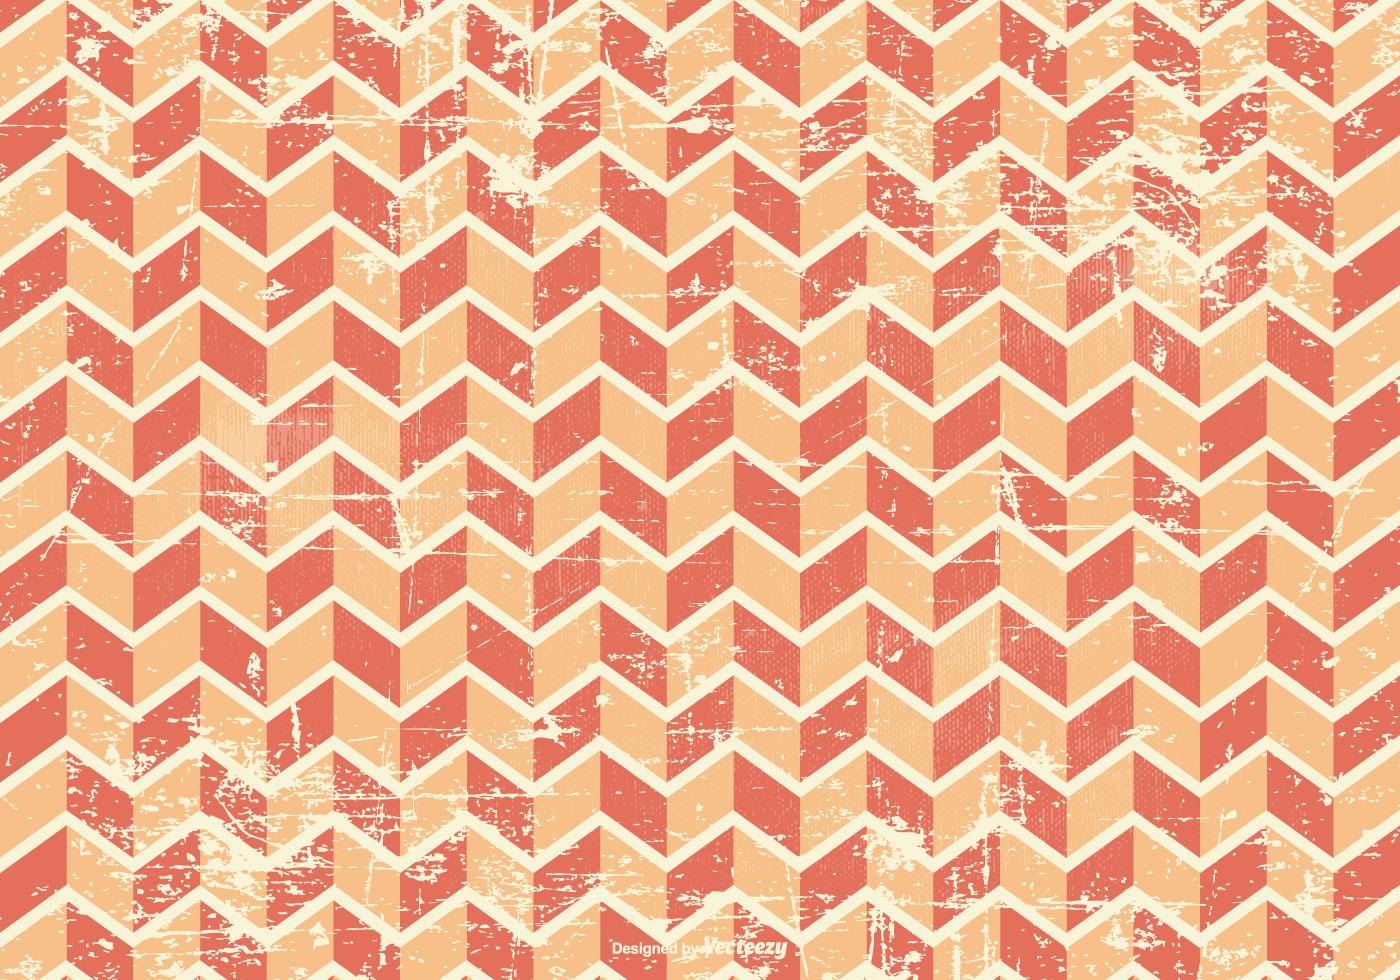 Retro Grunge Background Pattern - Download Free Vector Art